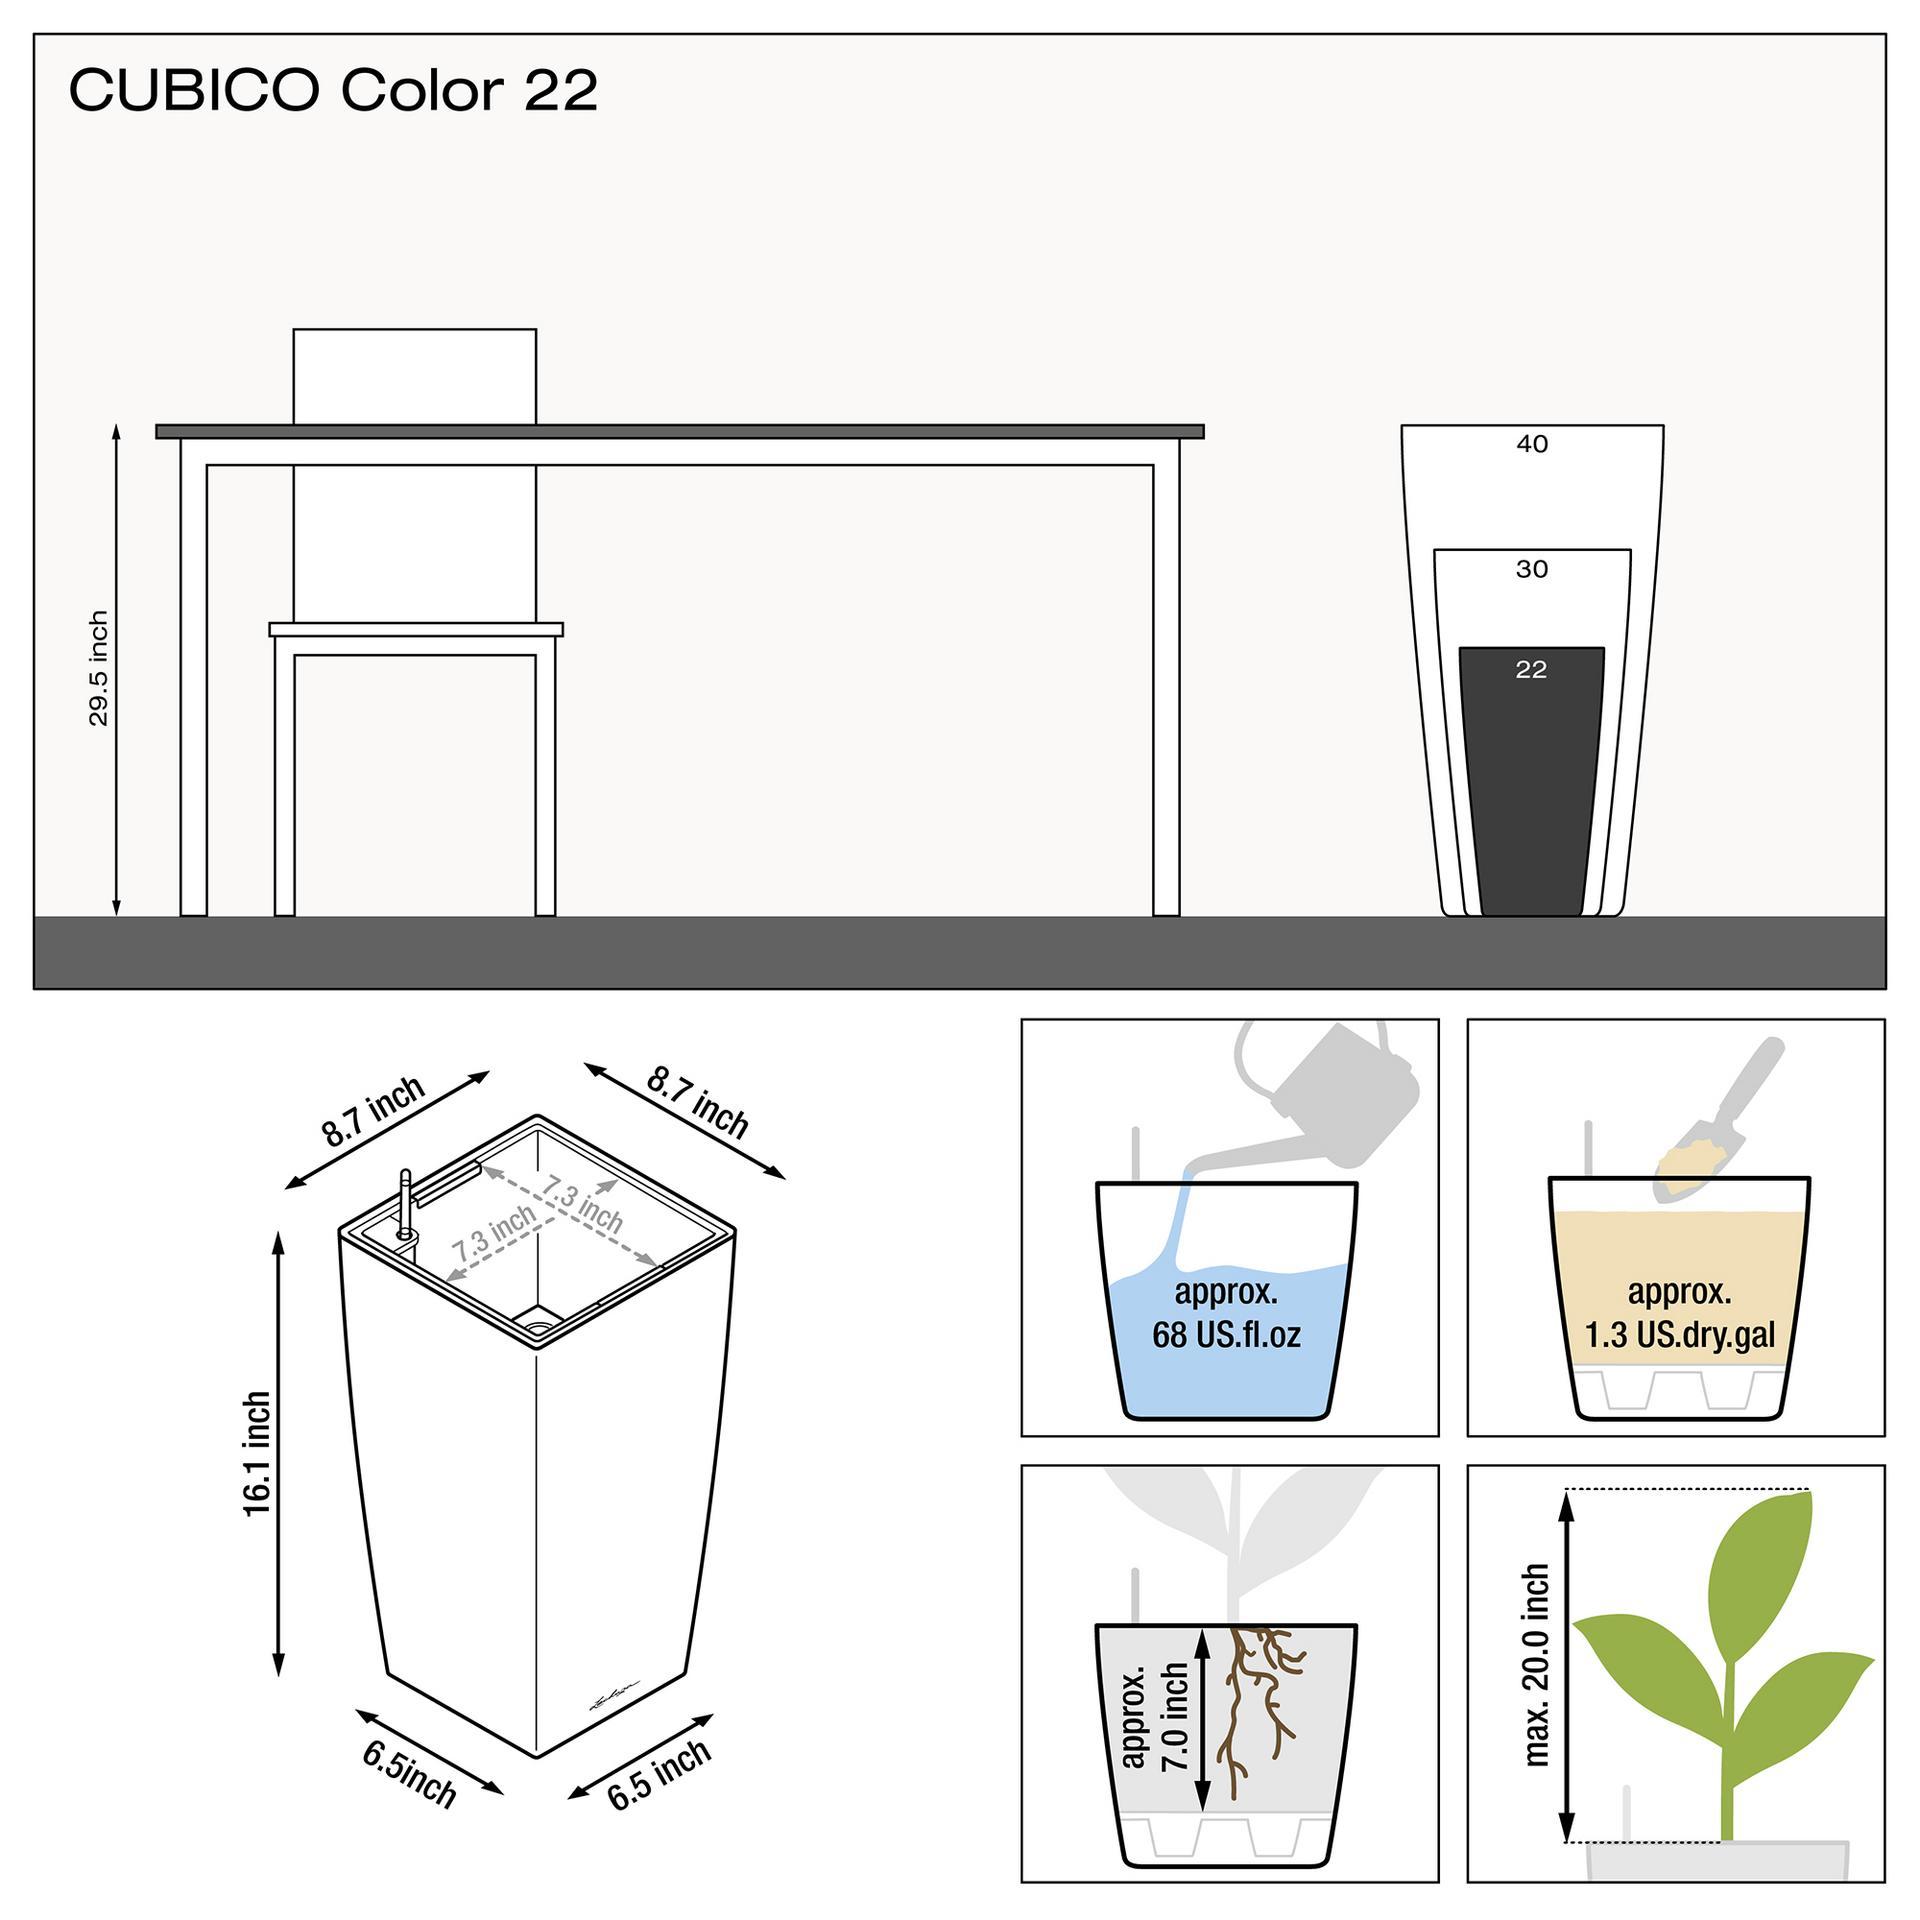 le_cubico-color22_product_addi_nz_us